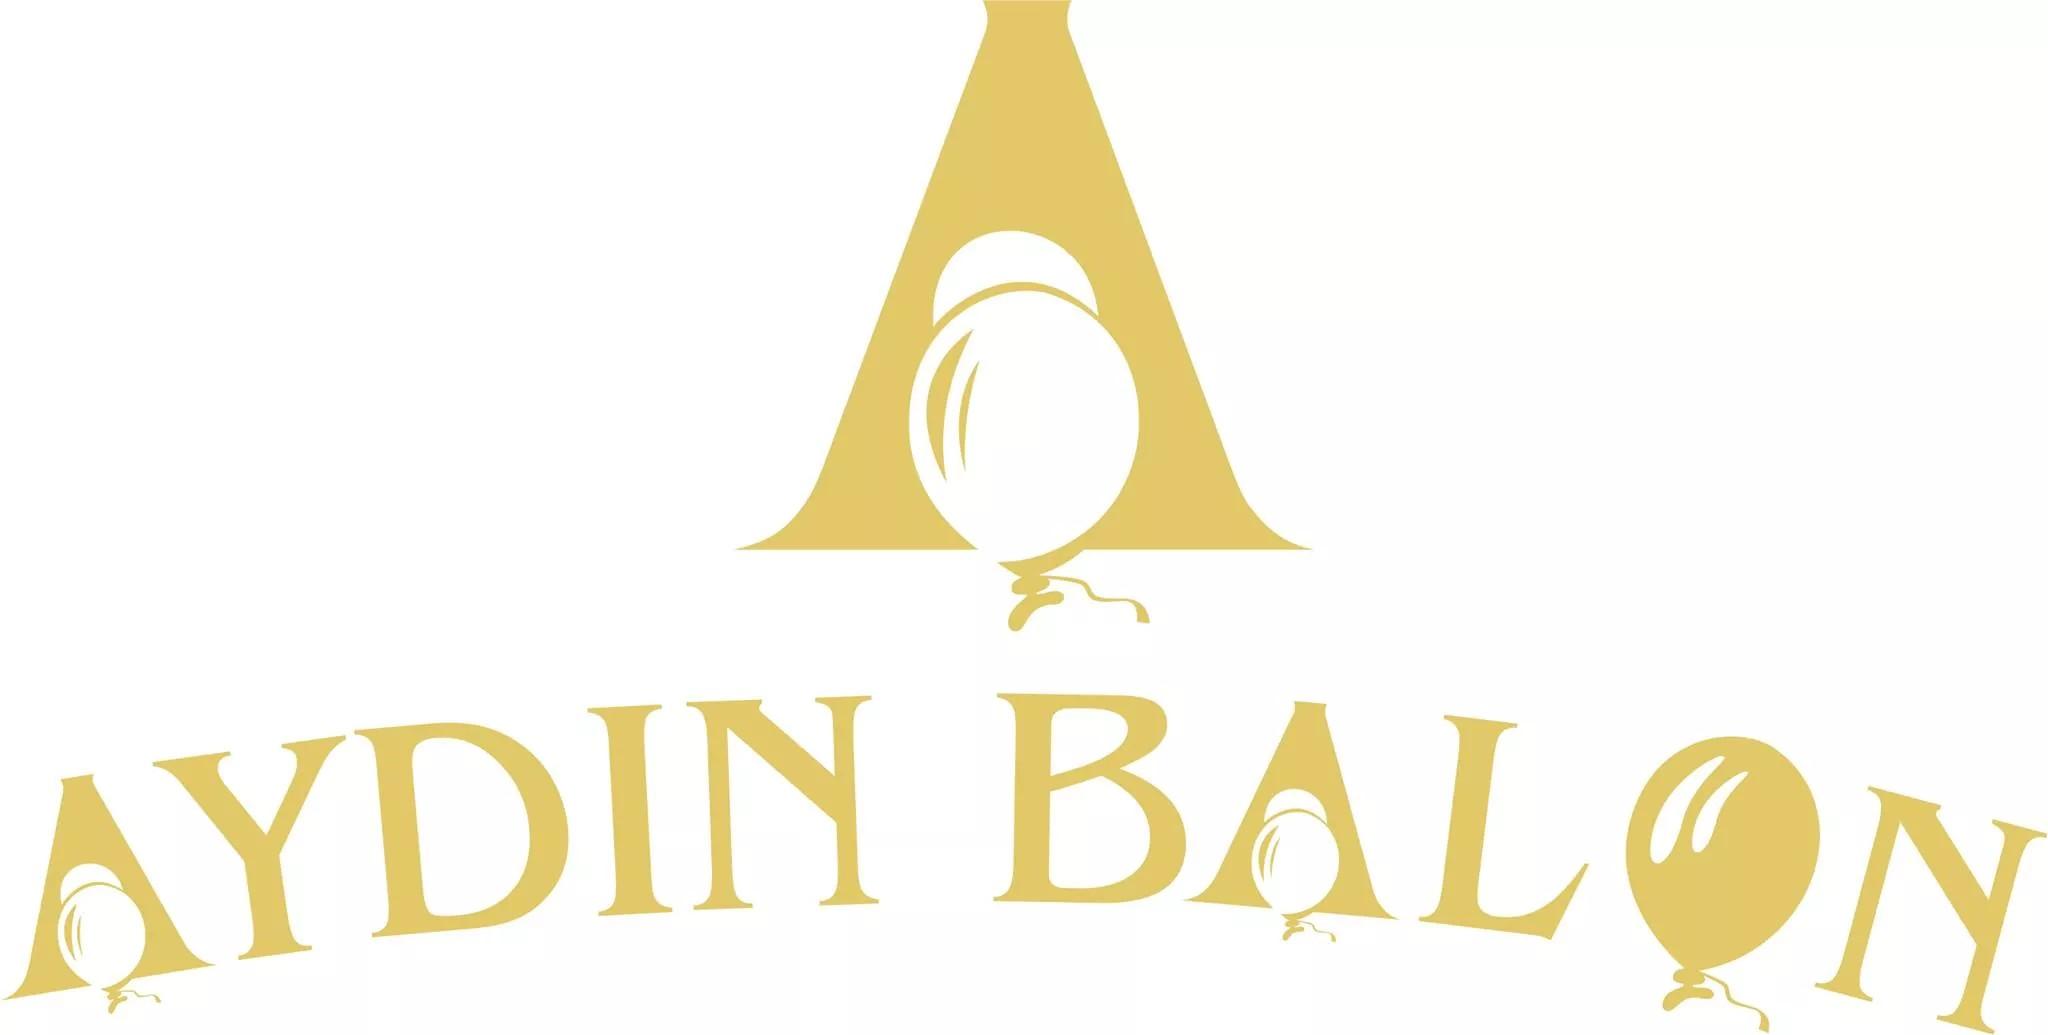 Aydın Balon